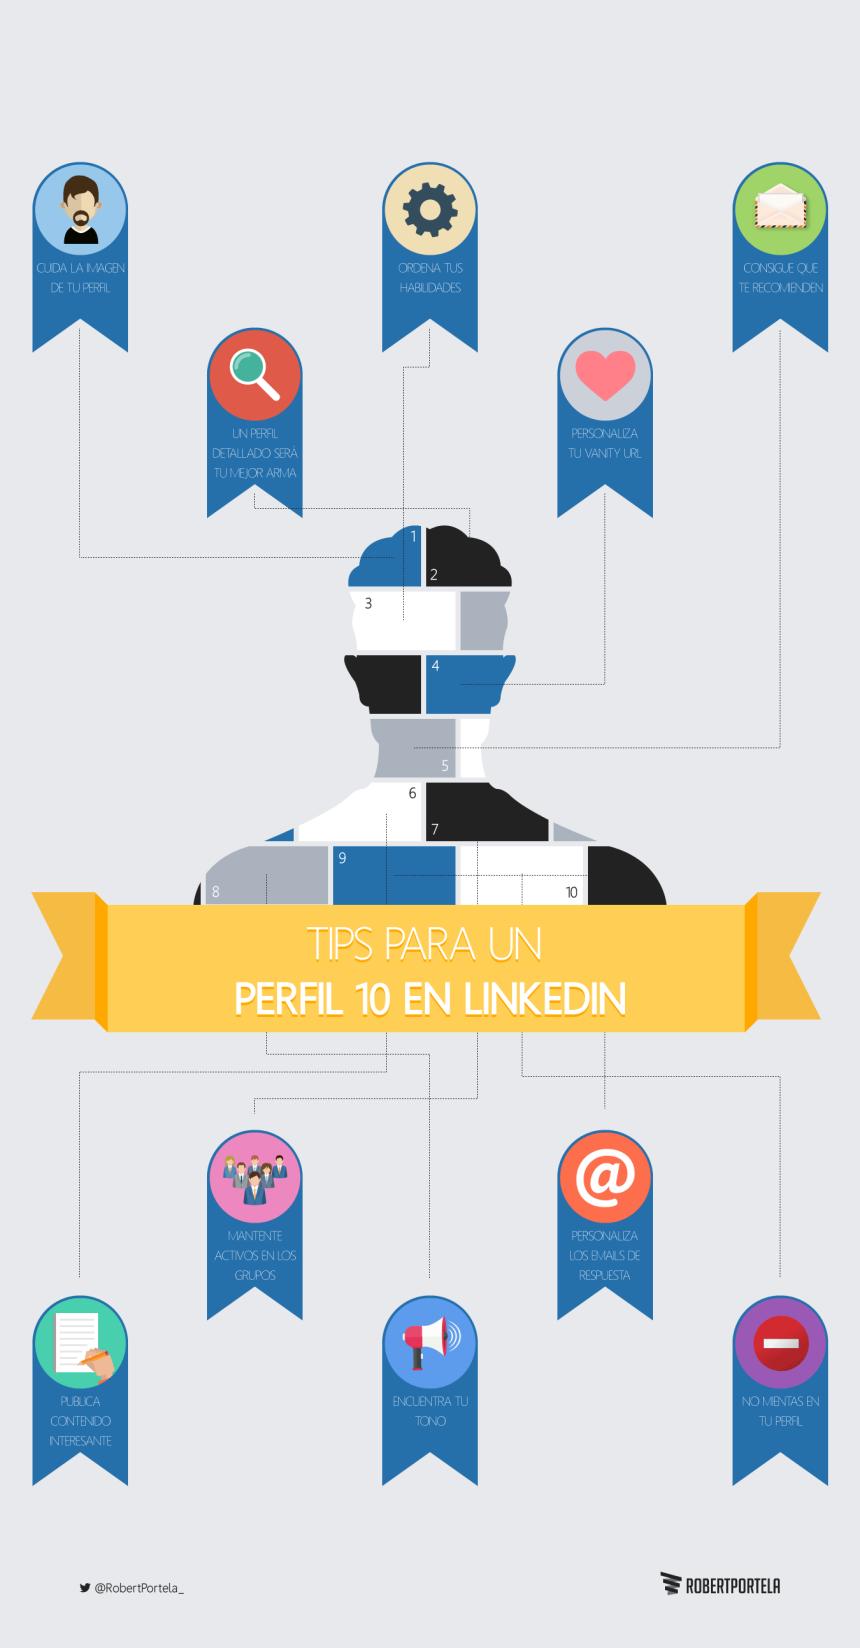 Consejos para un perfil 10 en LinkedIn